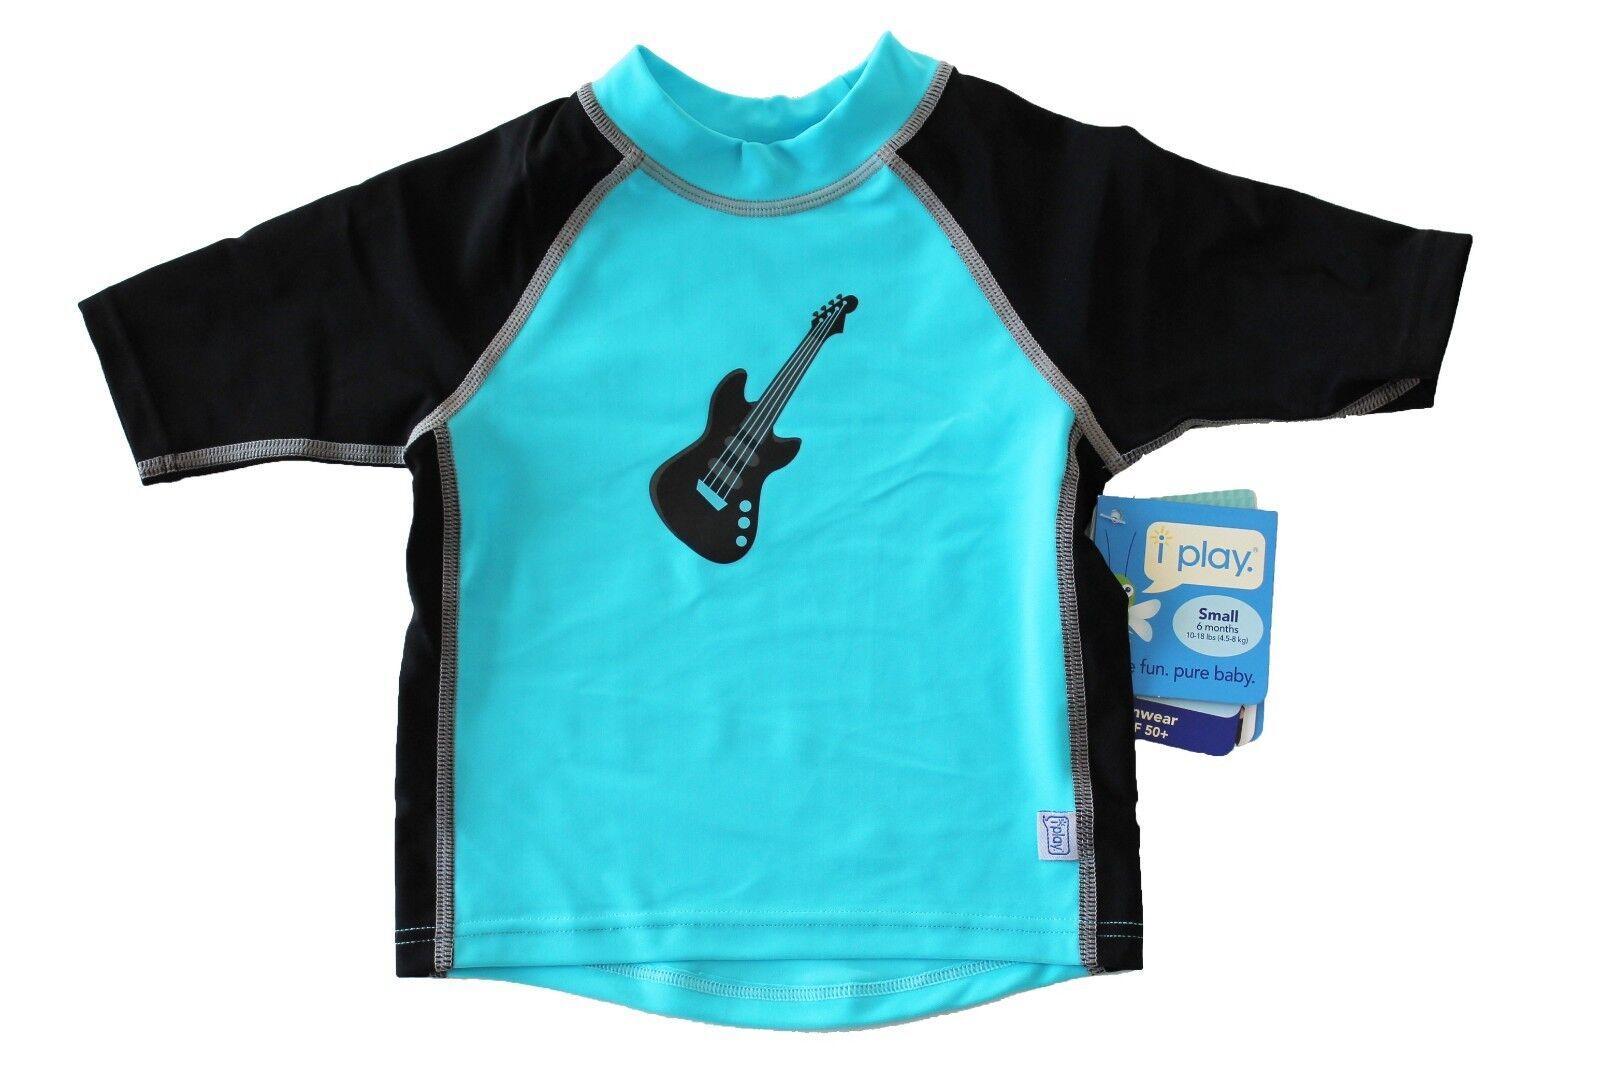 NEW Iplay I Play Baby Boy's Swim Swimming Shirt Rashguard 6M